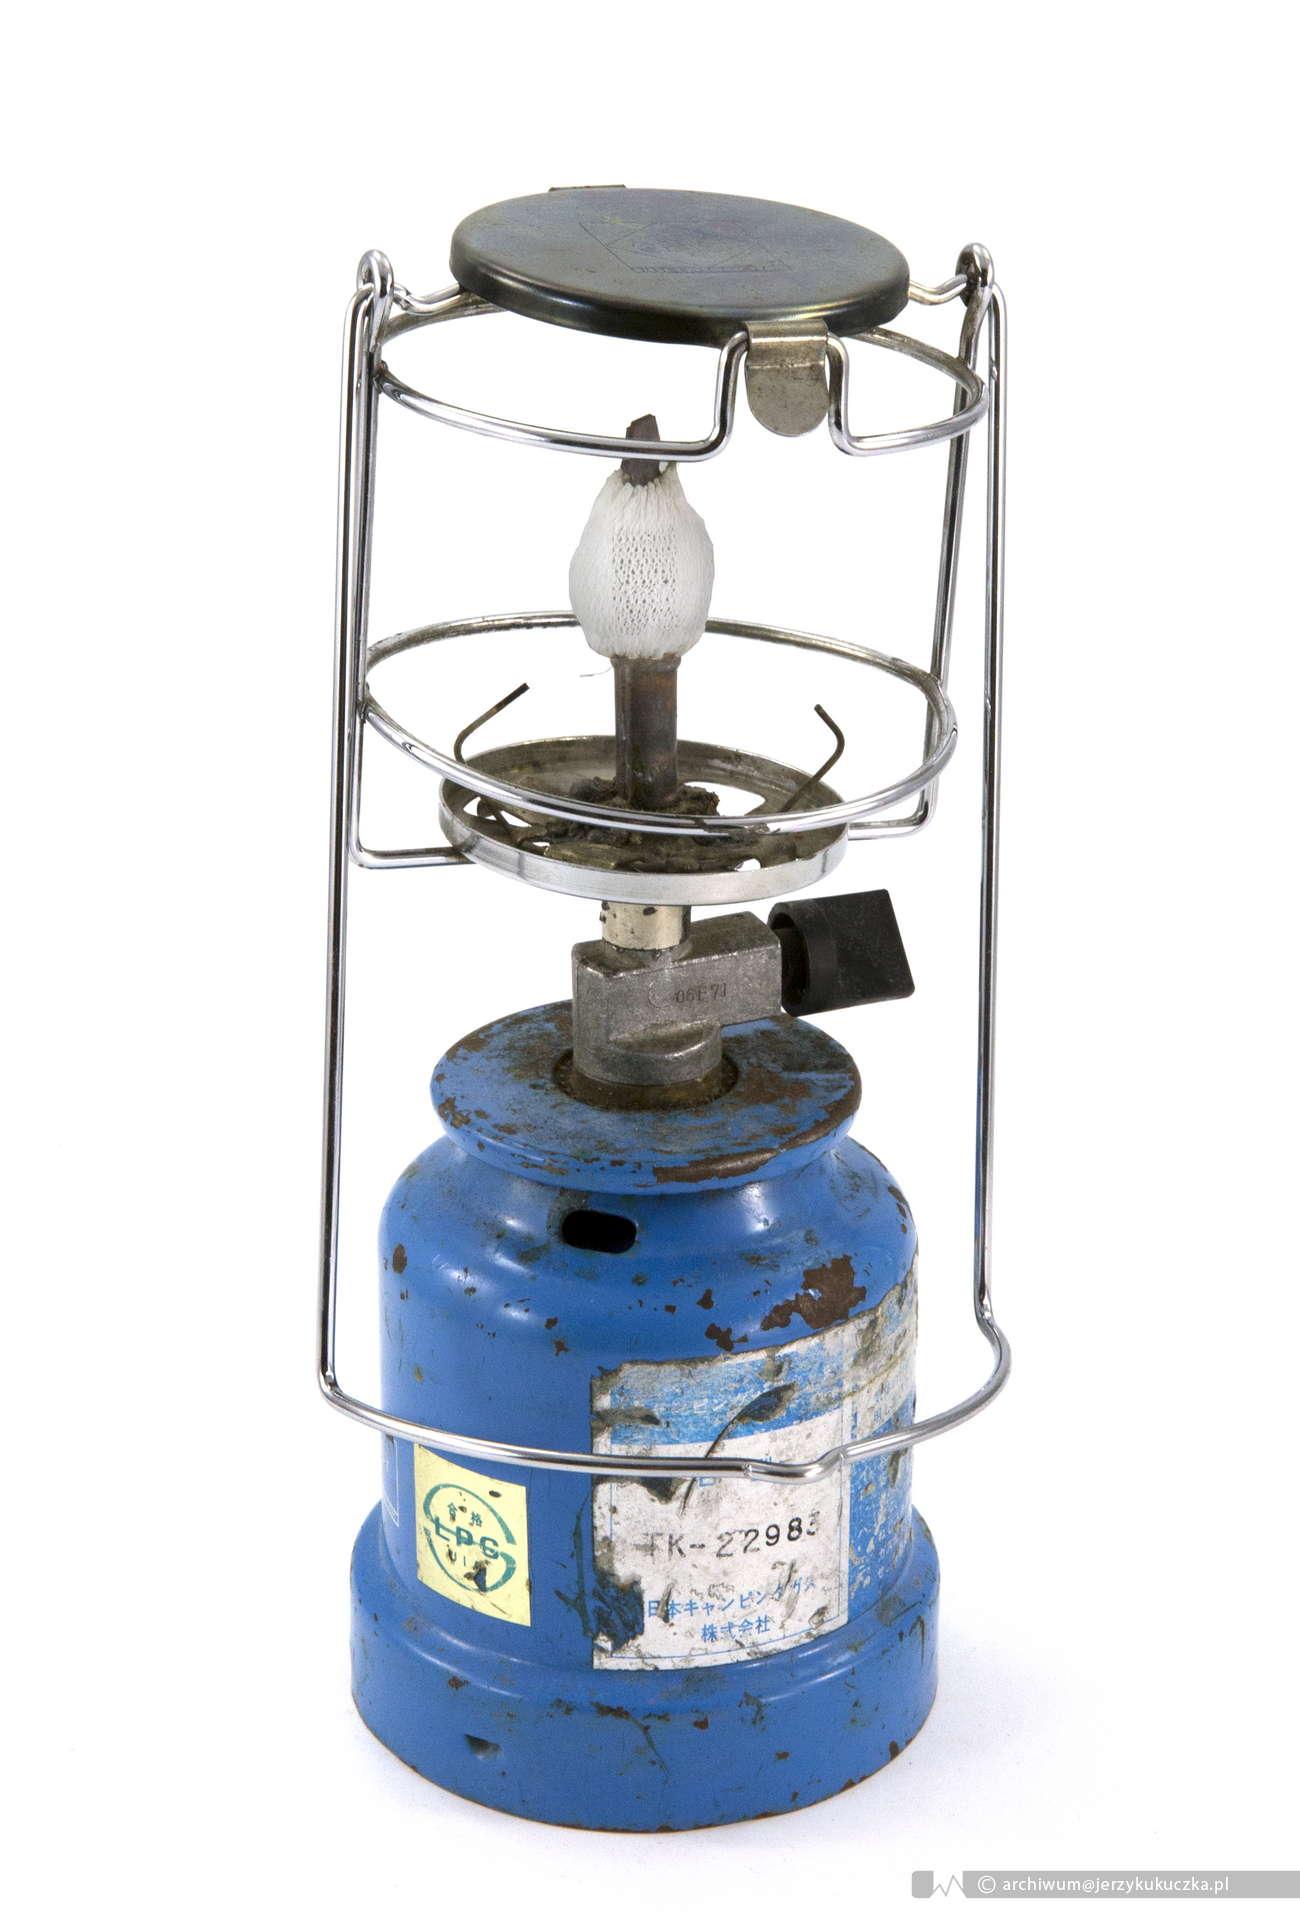 Kolejny element ekwipunku - lampka butanowa używana przez Jerzego Kukuczkę podczas wypraw